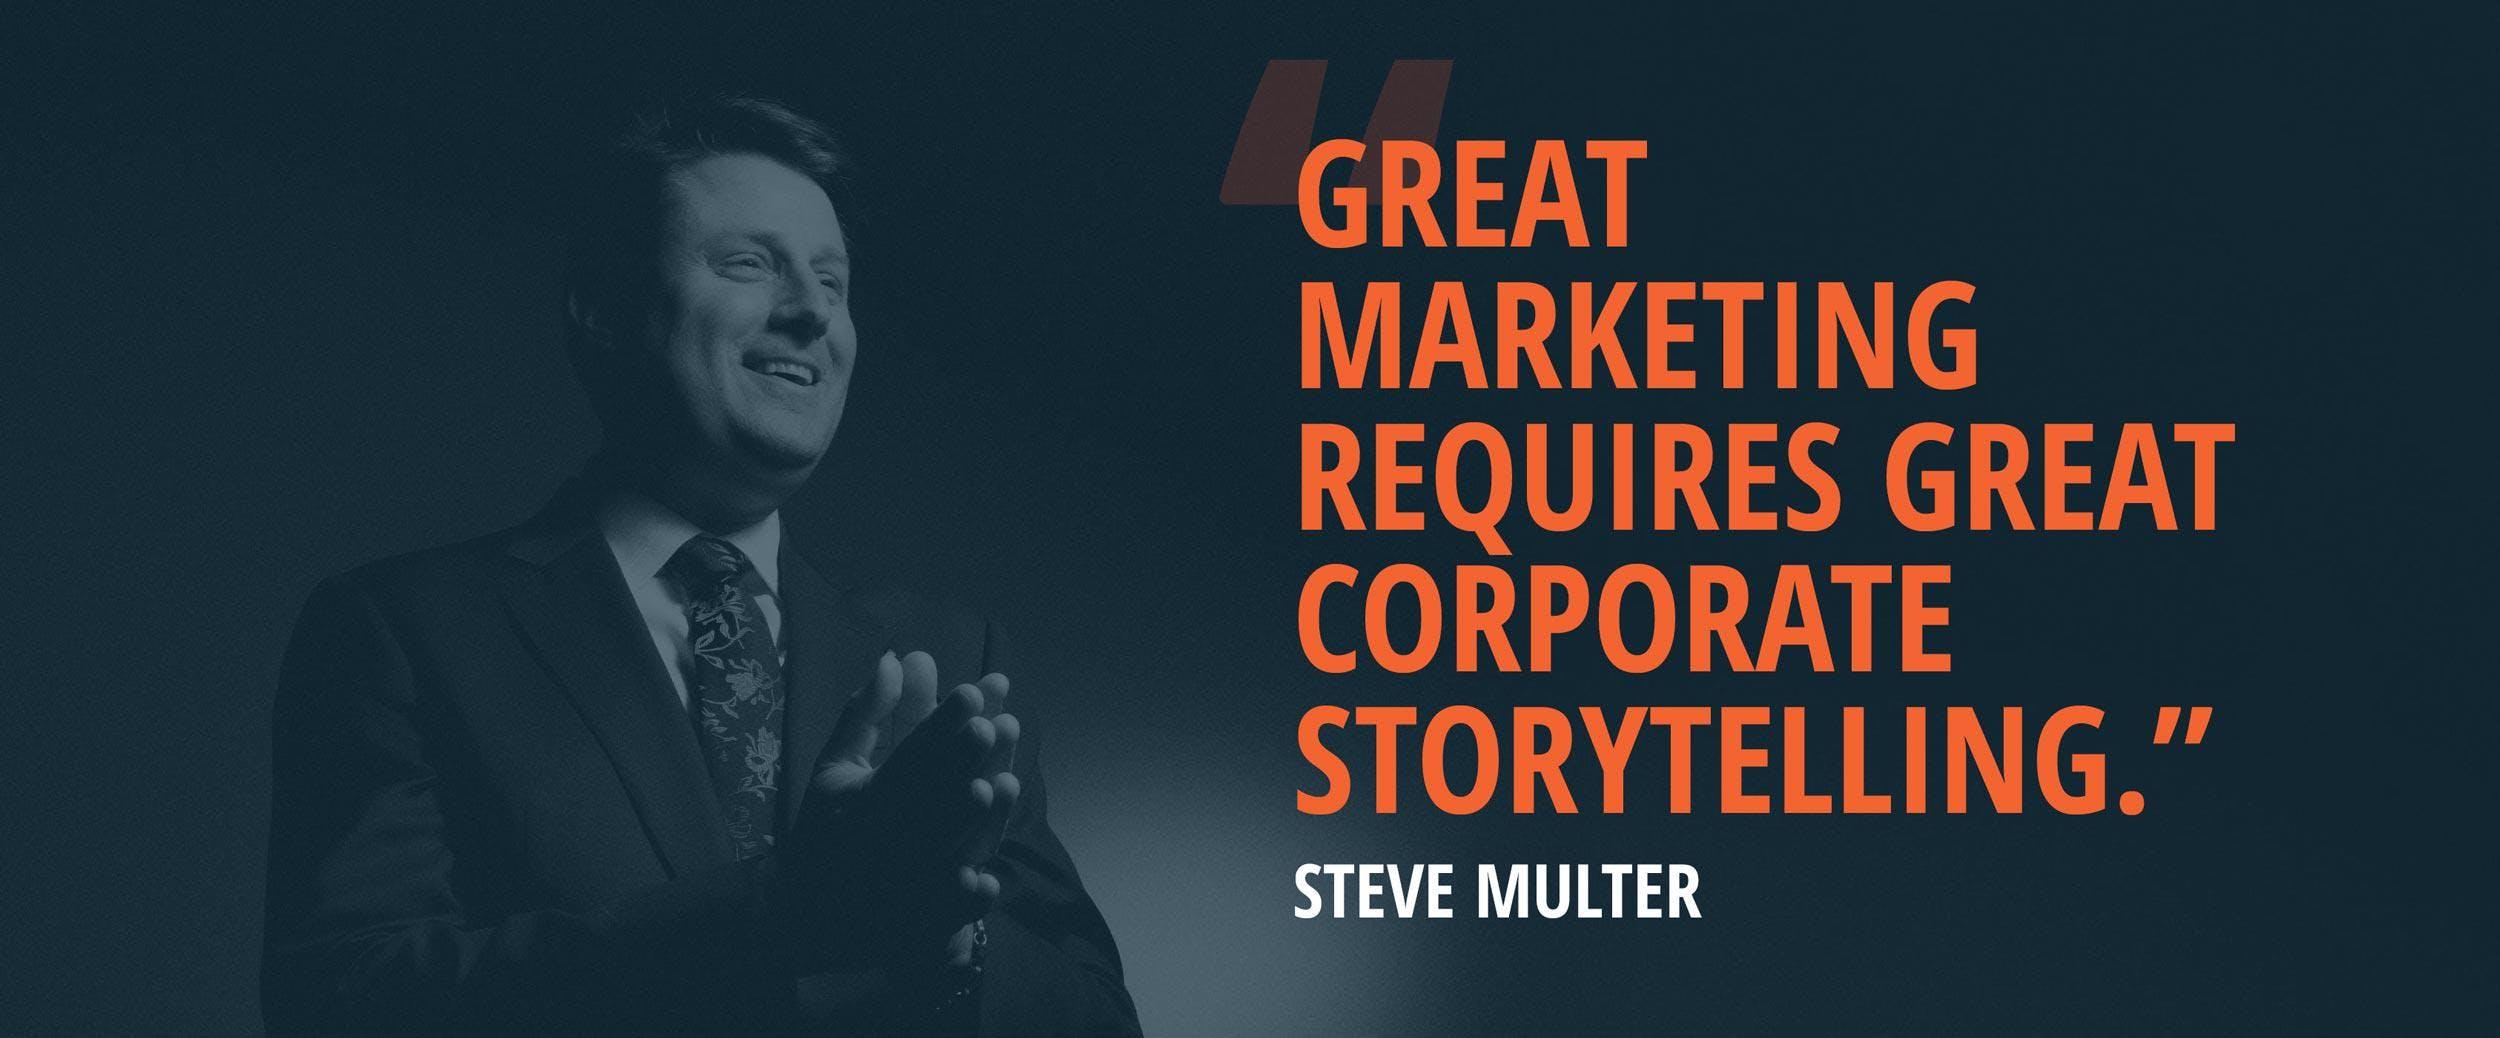 Steve quote